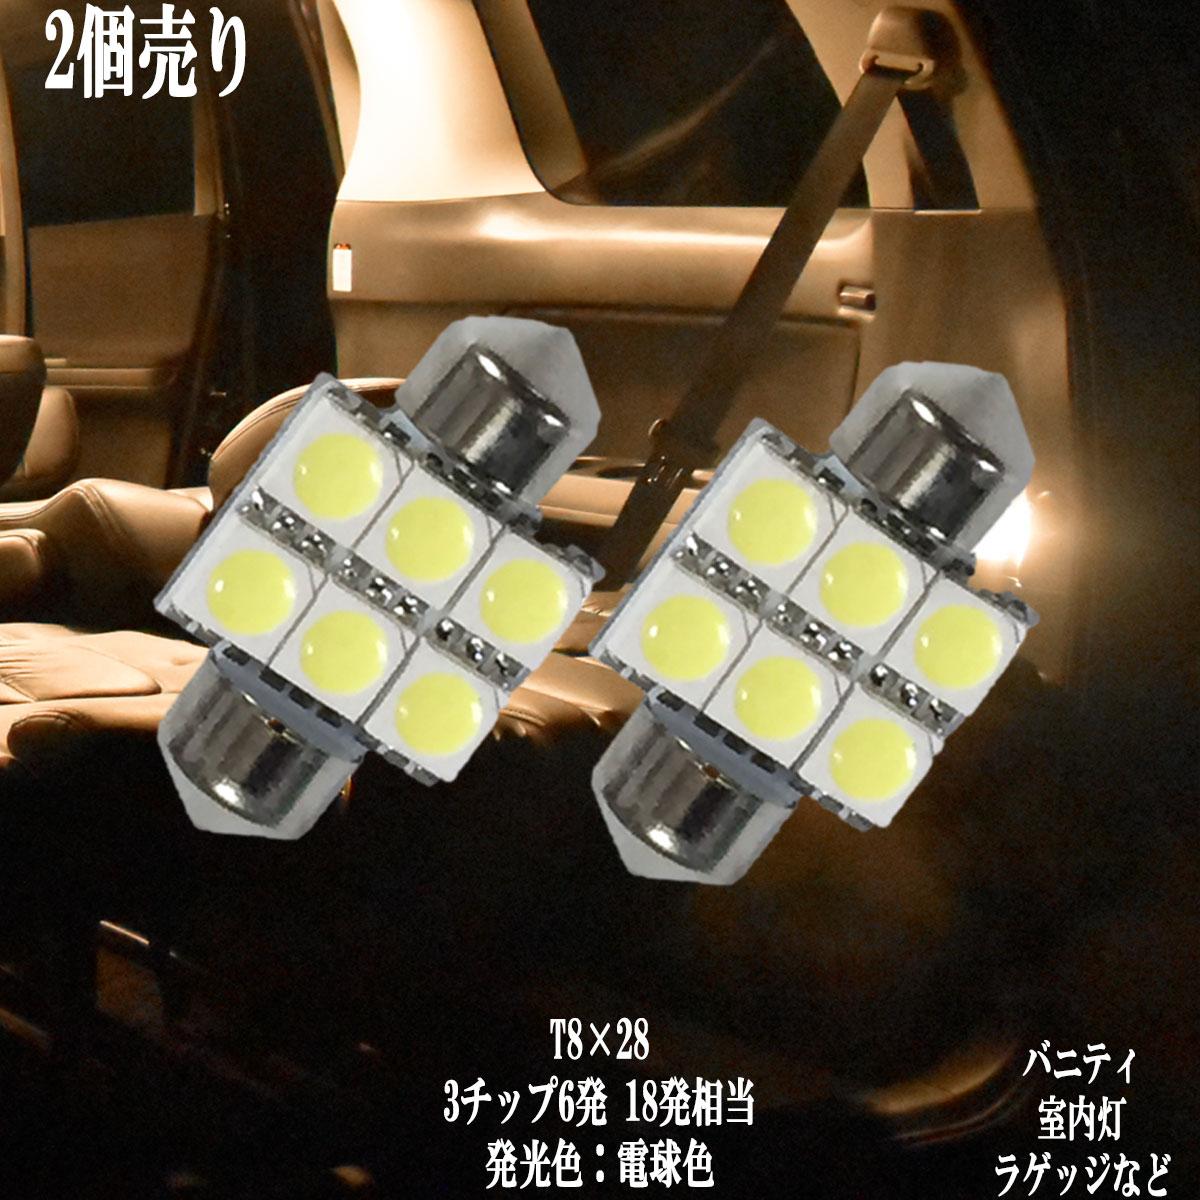 あす楽可 3000Kクラスの電球色 車検対応 カスタム 人気ブランド多数対象 ルームランプ 車内が明るく 暖かい光 暖光色 おトク 車に高級感を 2個セット T8×28 LED 車内灯 led電球 3000Kクラスの ラゲッジ トランク 1年保証 3チップSMD 高級感を追求 led 12v 6連 電球色